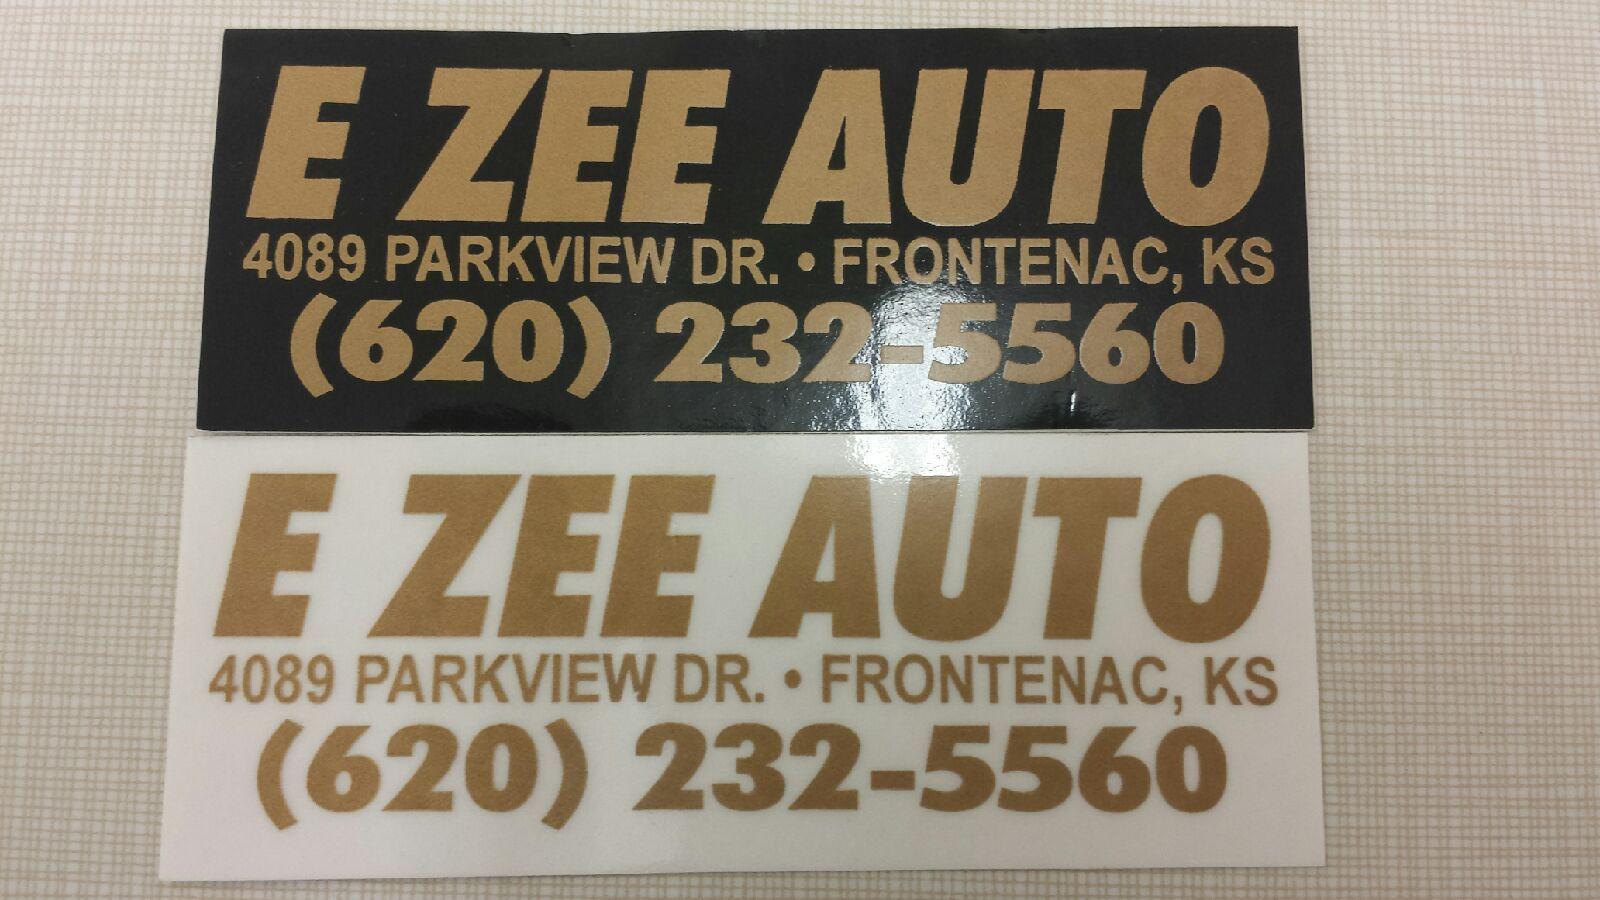 Ezee Auto, Frontenac KS